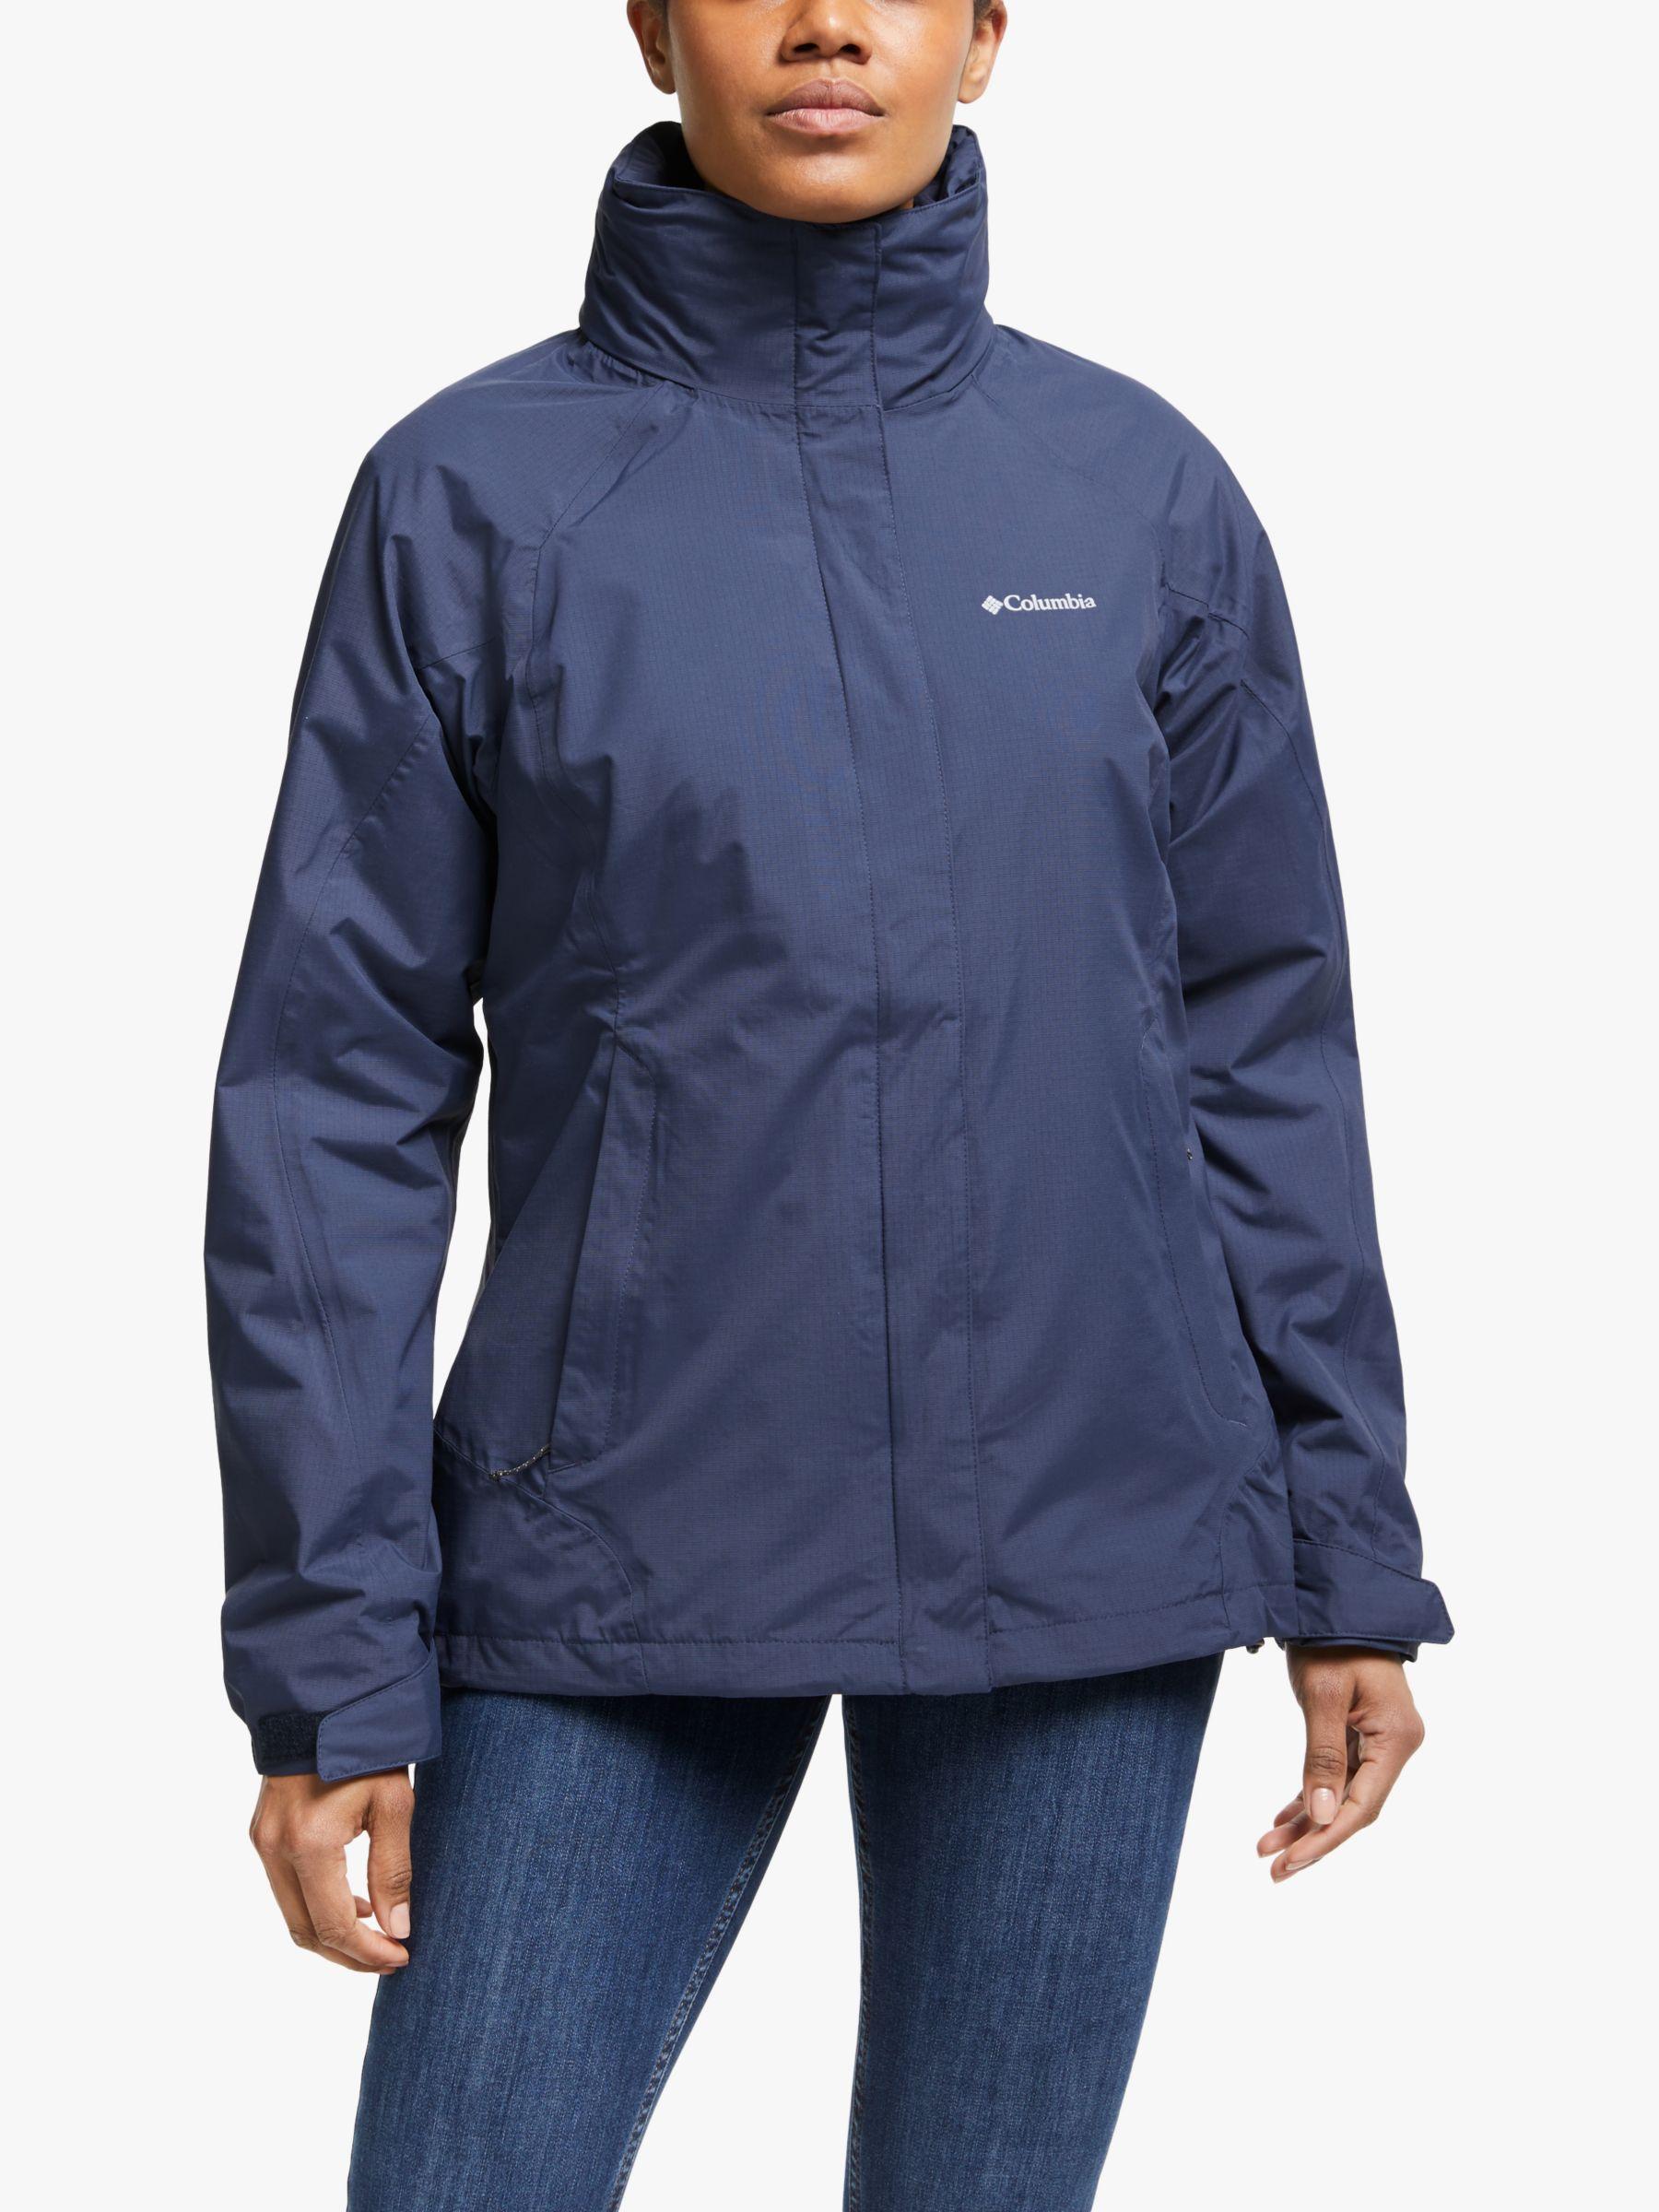 Columbia Columbia Venture On Interchange 3-in-1 Women's Waterproof Jacket, Nocturnal